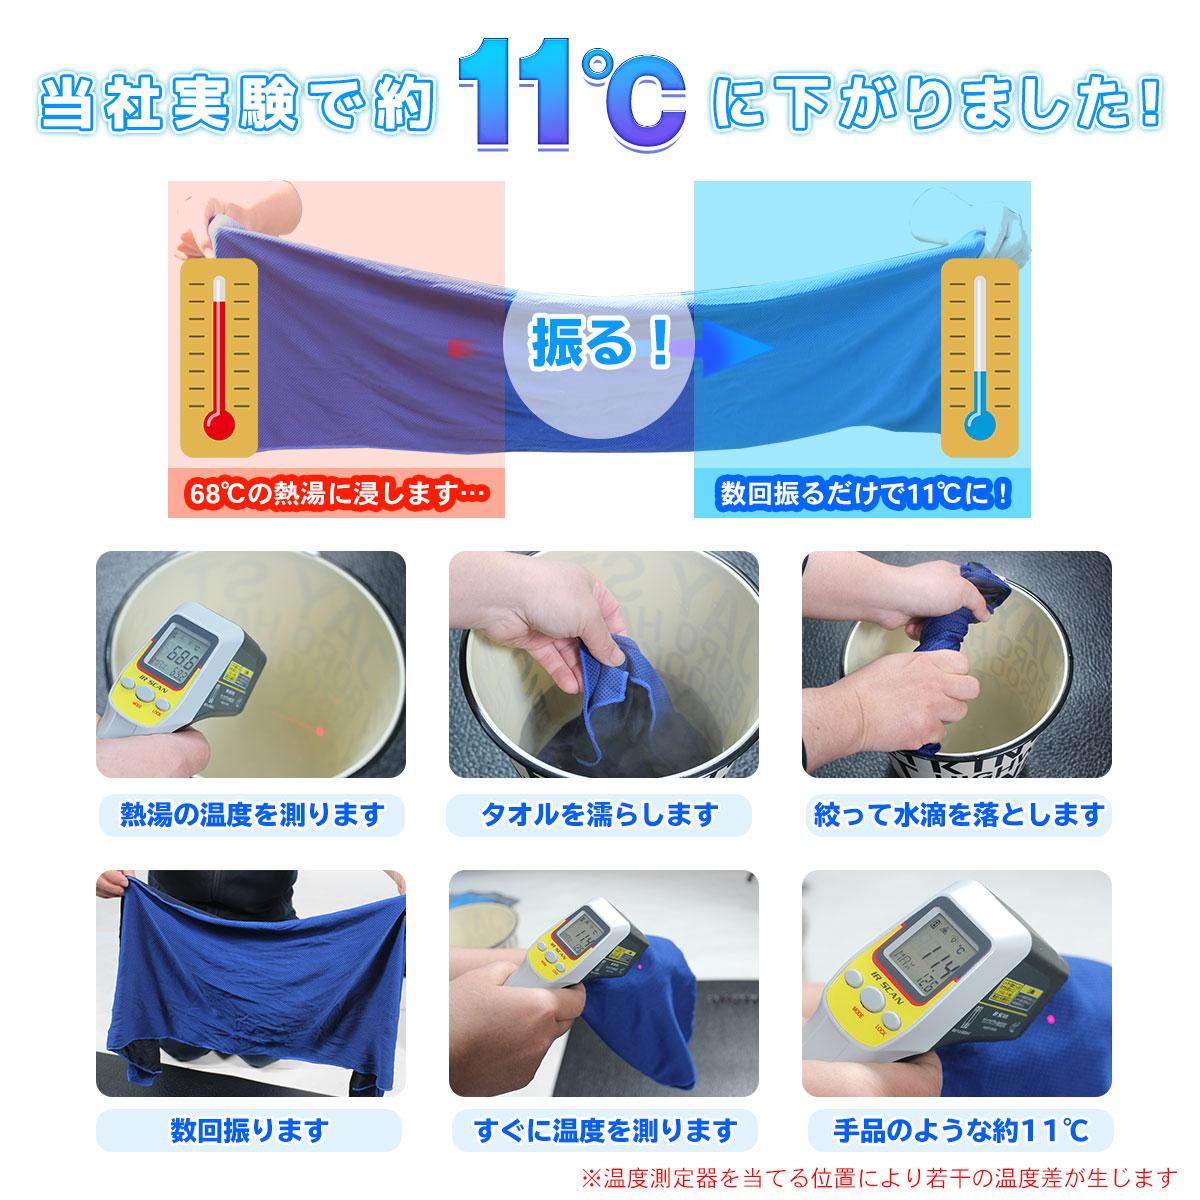 クールタオル 冷感 冷却 タオル 熱中症 暑さ対策 ひんやり スポーツタオル 単品